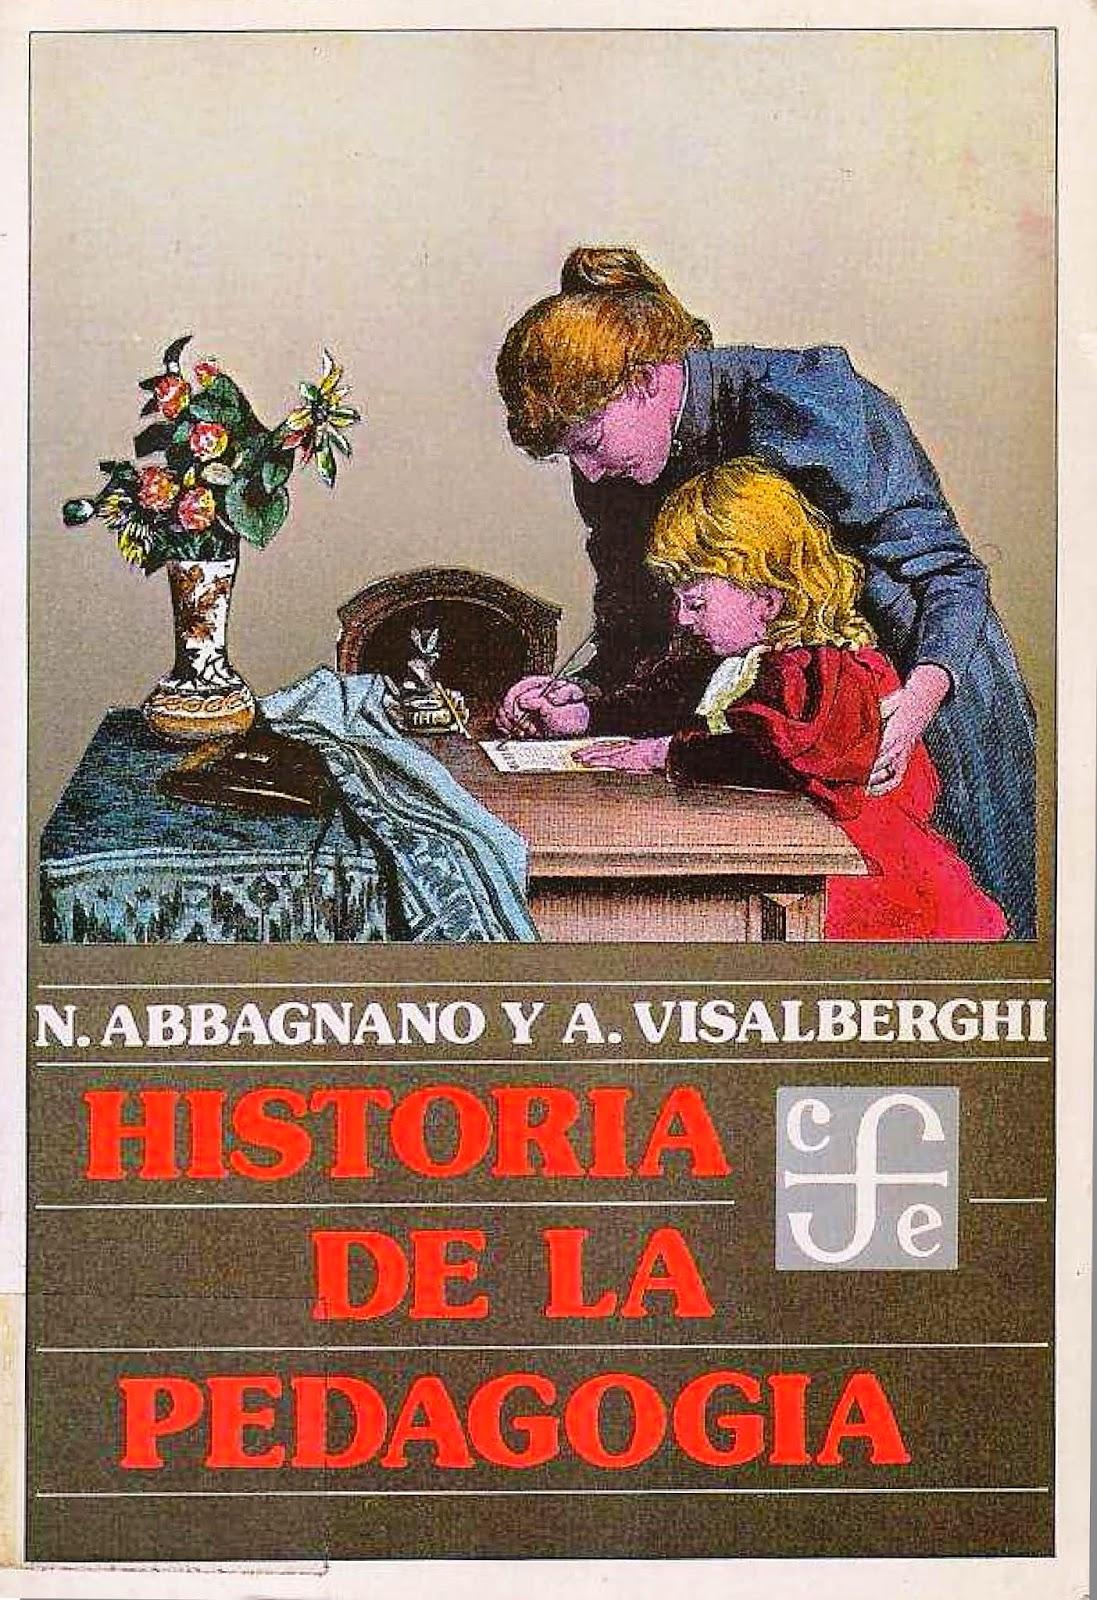 Historia de la pedagogía – Nicola Abbagnano y A. Visalberghi